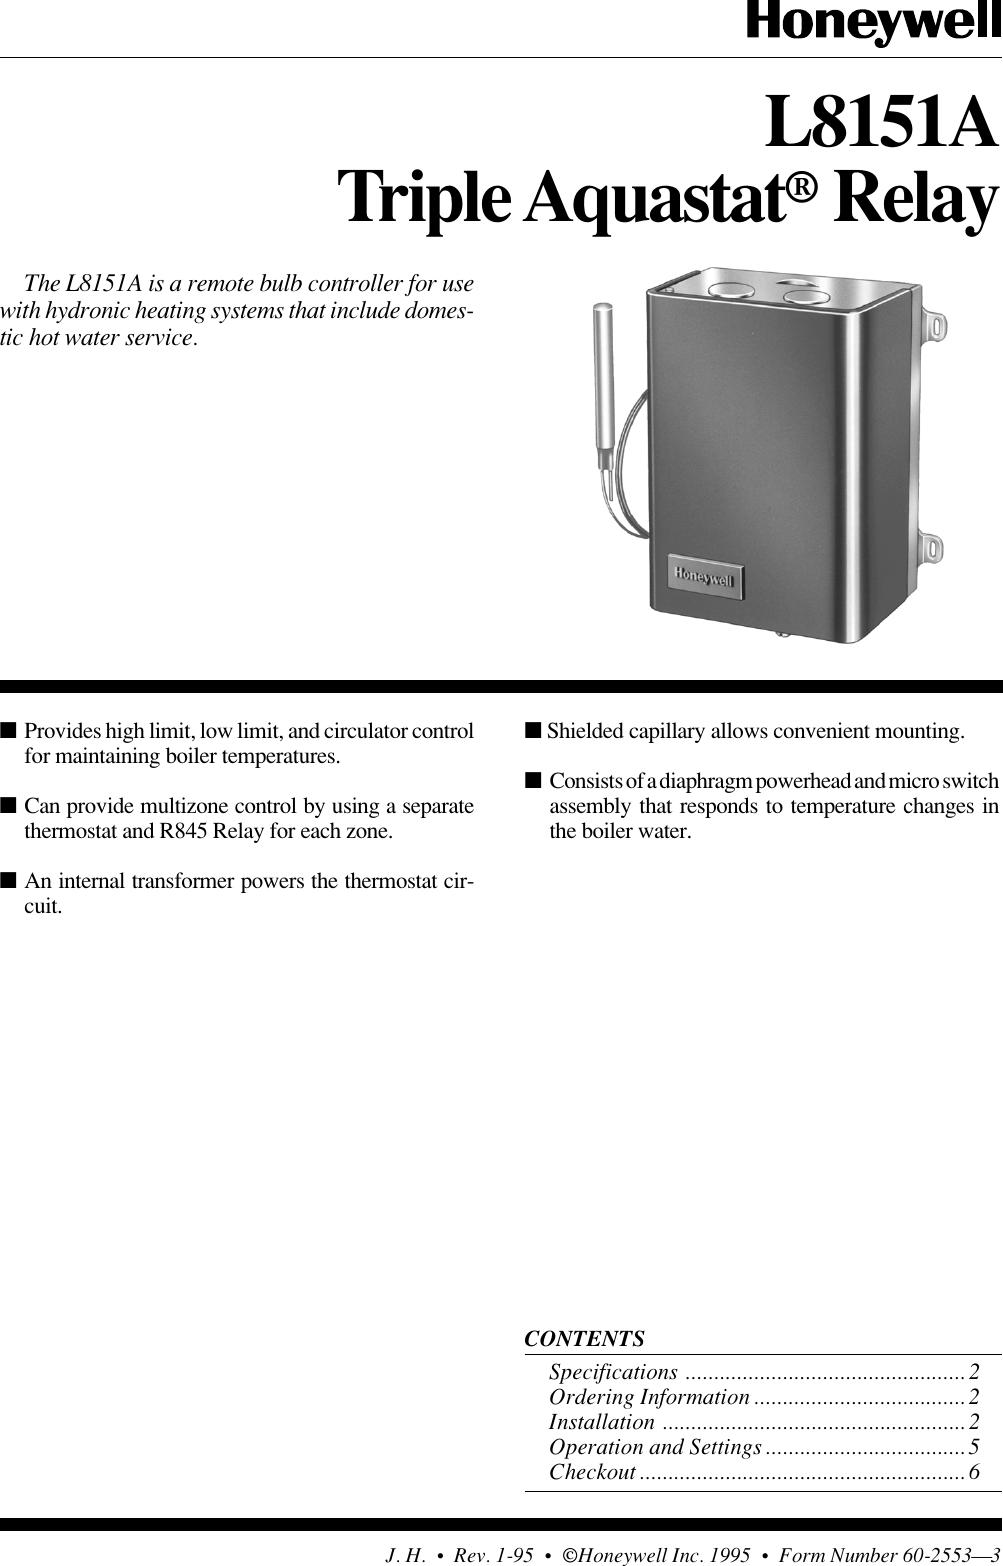 Honeywell Tripleaquastat L8151a Users Manual 60 2553 Triple Aquastat Zc Wiring Harness Relay